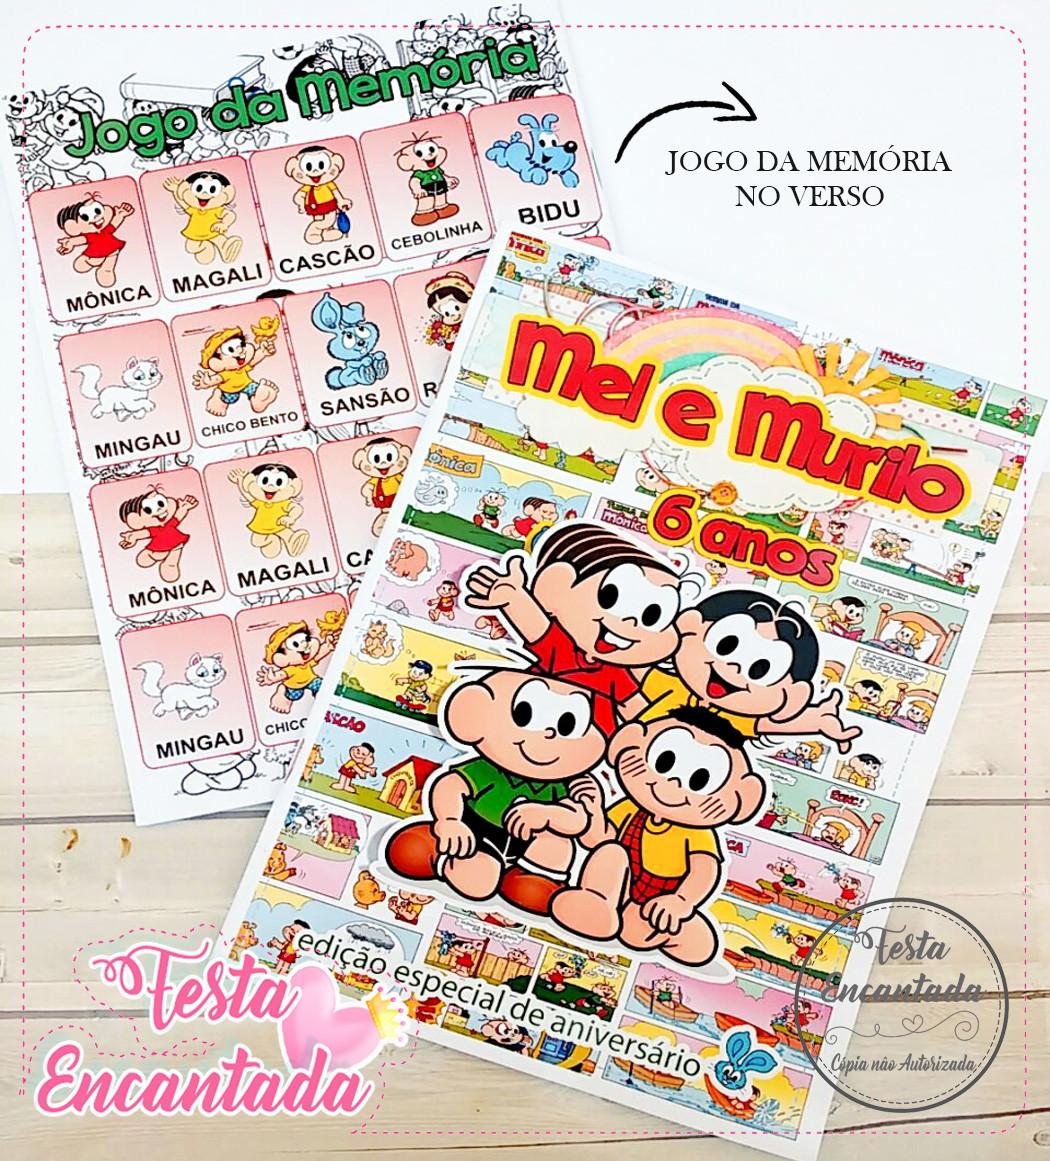 Revista De Colorir Turma Da Monica No Elo7 Festa Encantada